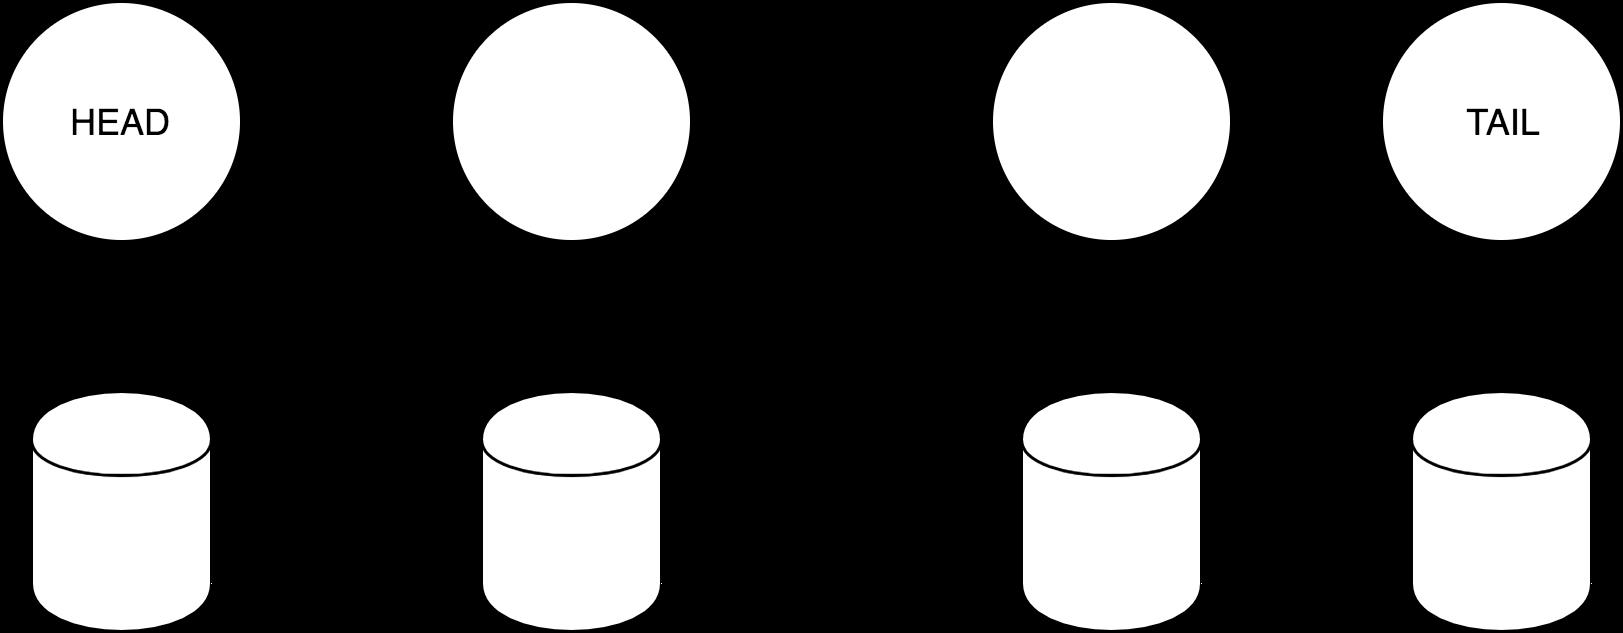 Chain replication: построение эффективного KV-хранилища (часть 1-2) - 3